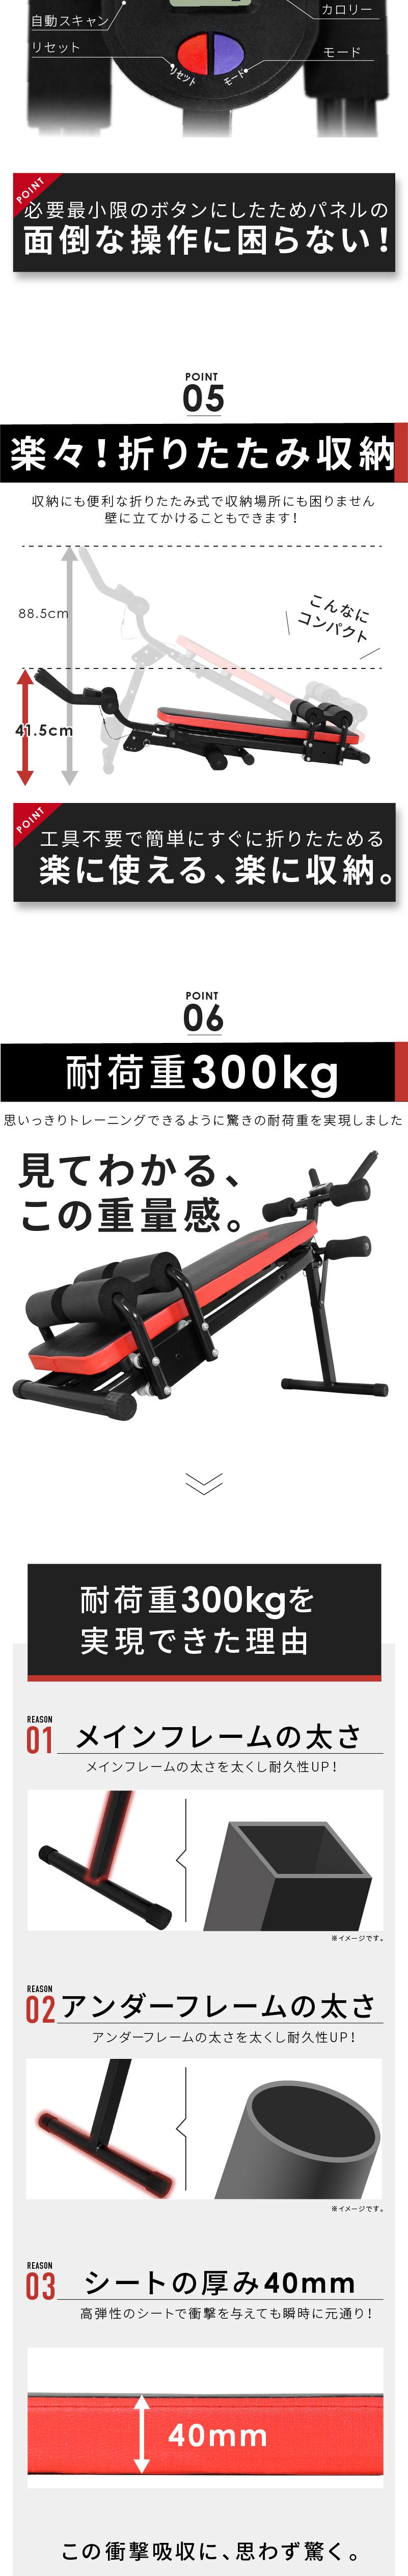 腹筋スライダー